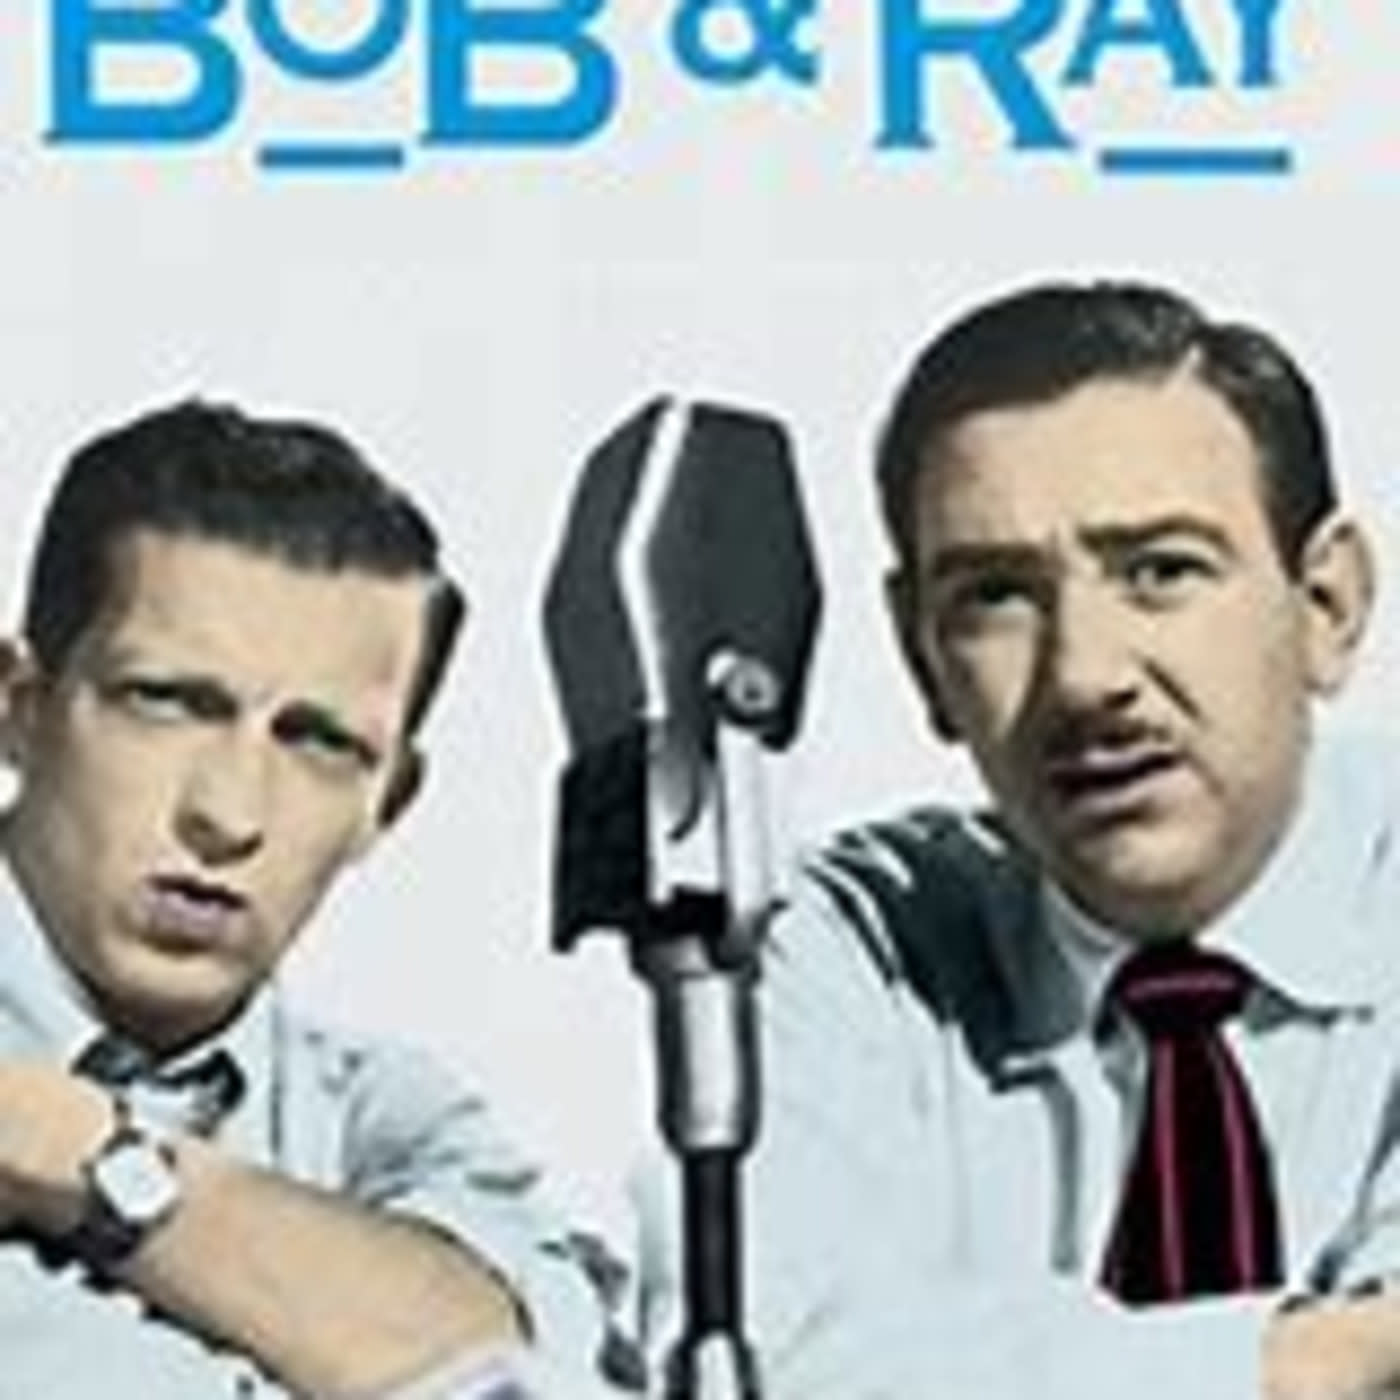 Bob and Ray Show 600610 Wally Ballou From Sa - 264